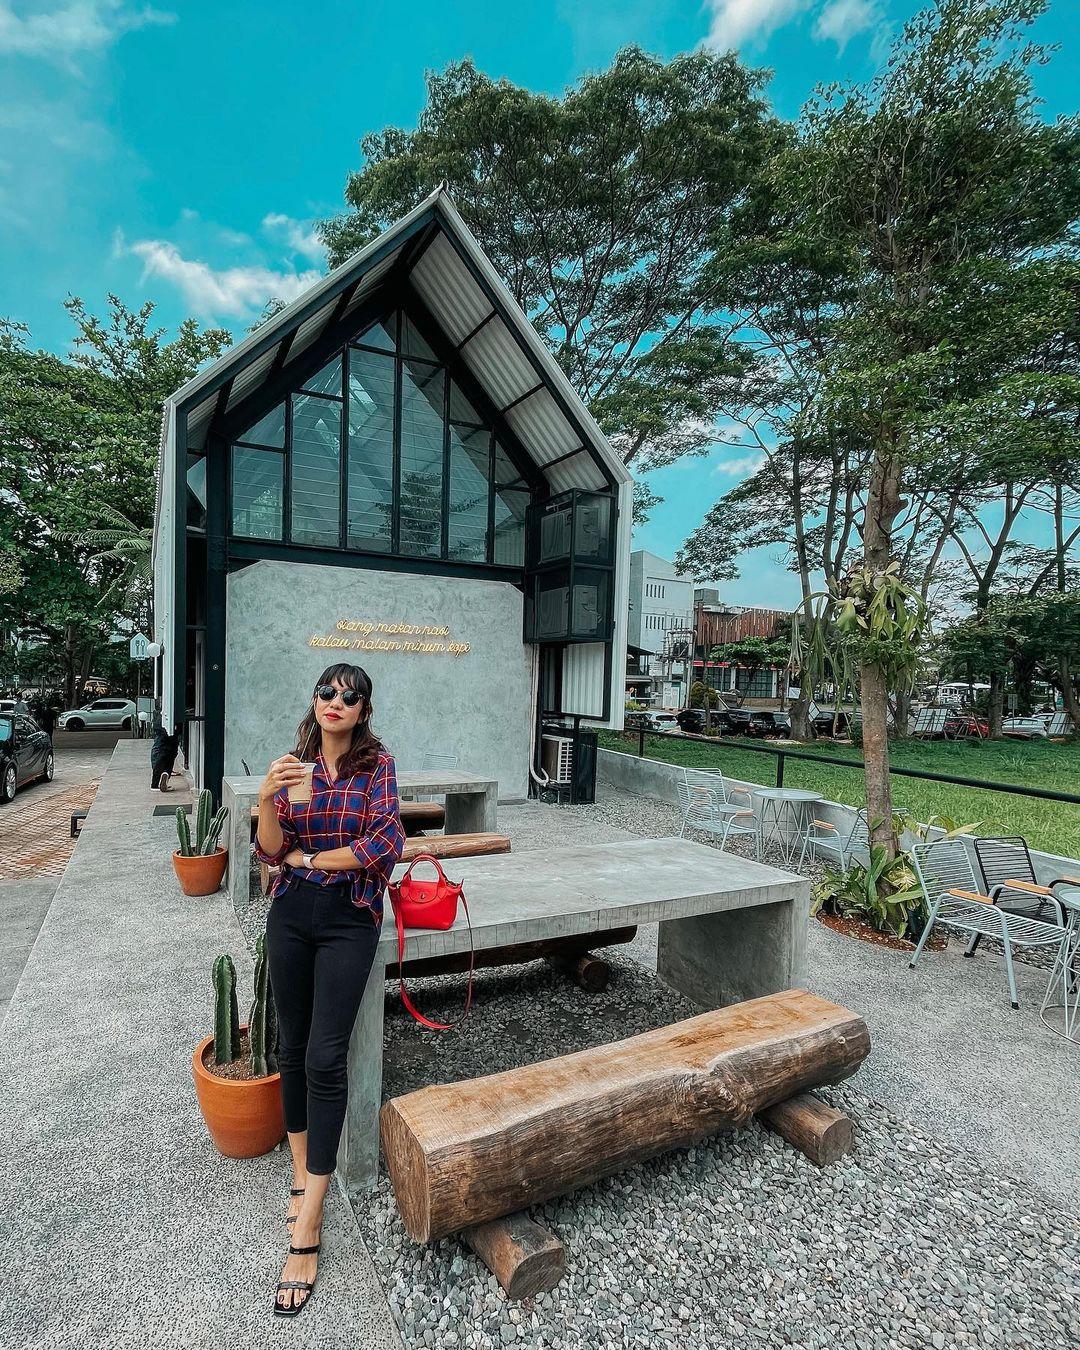 Berfoto Di Kopi Nako Alam Sutera Image From @ichbindewi